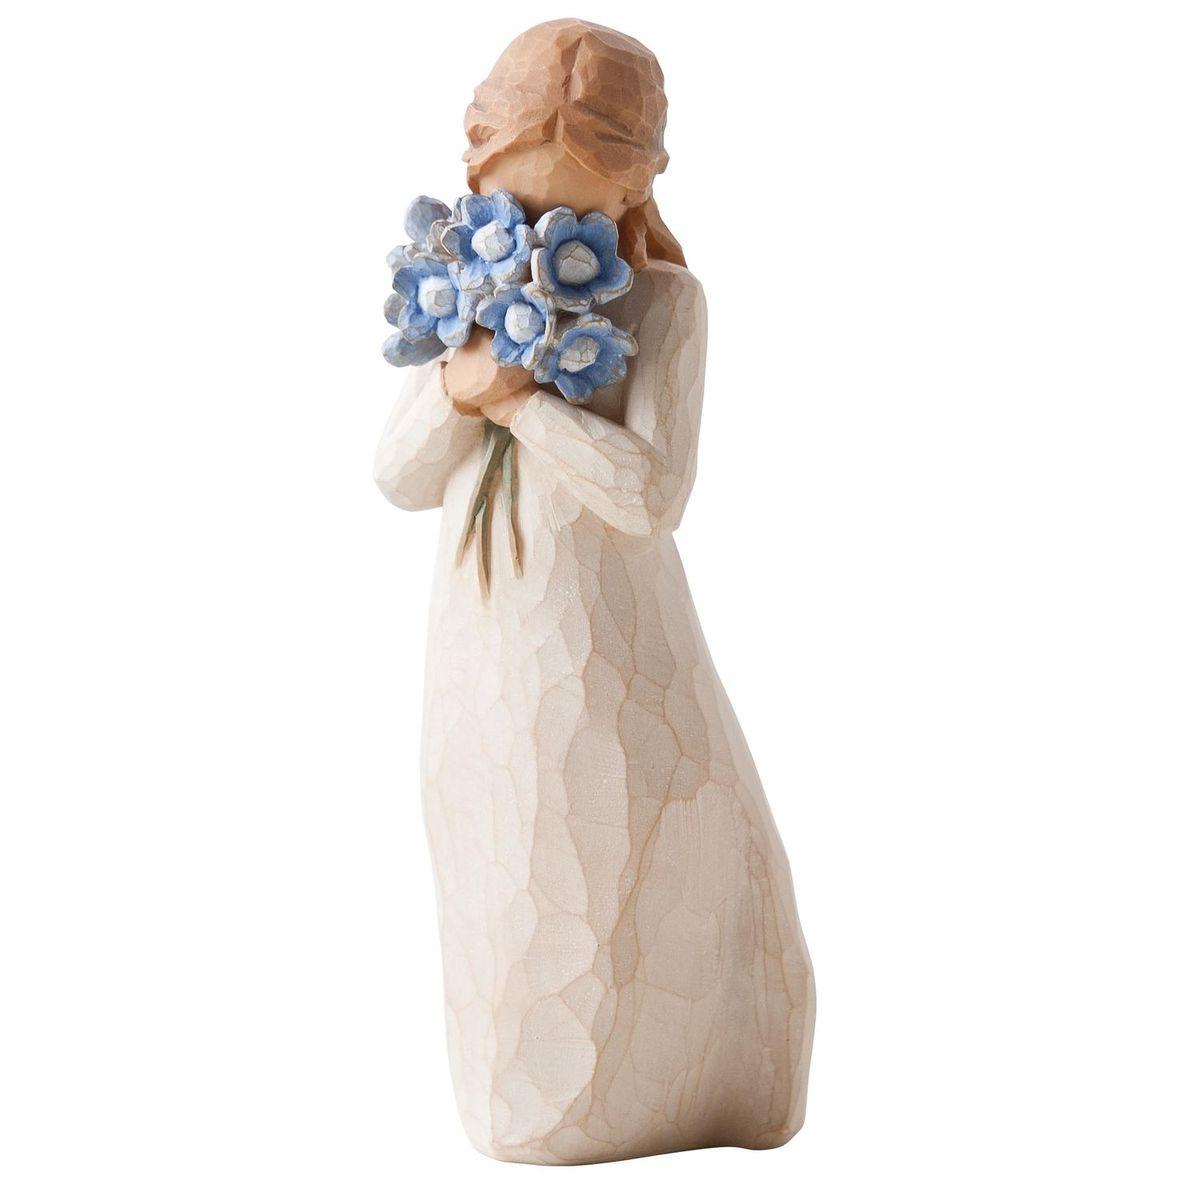 Фигурка декоративная Willow Tree Не забывай меня, высота 13,5 смTHN132NДекоративная фигурка Willow Tree создана канадским скульптором Сьюзан Лорди. Фигурка выполнена из искусственного камня (49% карбонат кальция мелкозернистой разновидности, 51% искусственный камень).Фигурка Willow Tree – это настоящее произведение искусства, образная скульптура в миниатюре, изображающая эмоции и чувства, которые помогают чувствовать себя ближе к другим, верить в мечту, выражать любовь.Фигурка помещена в красивую упаковку.Купить такой оригинальный подарок, значит не только украсить интерьер помещения или жилой комнаты, но выразить свое глубокое отношение к любимому человеку. Этот прекрасный сувенир будет лучшим подарком на день ангела, именины, день рождения, юбилей.